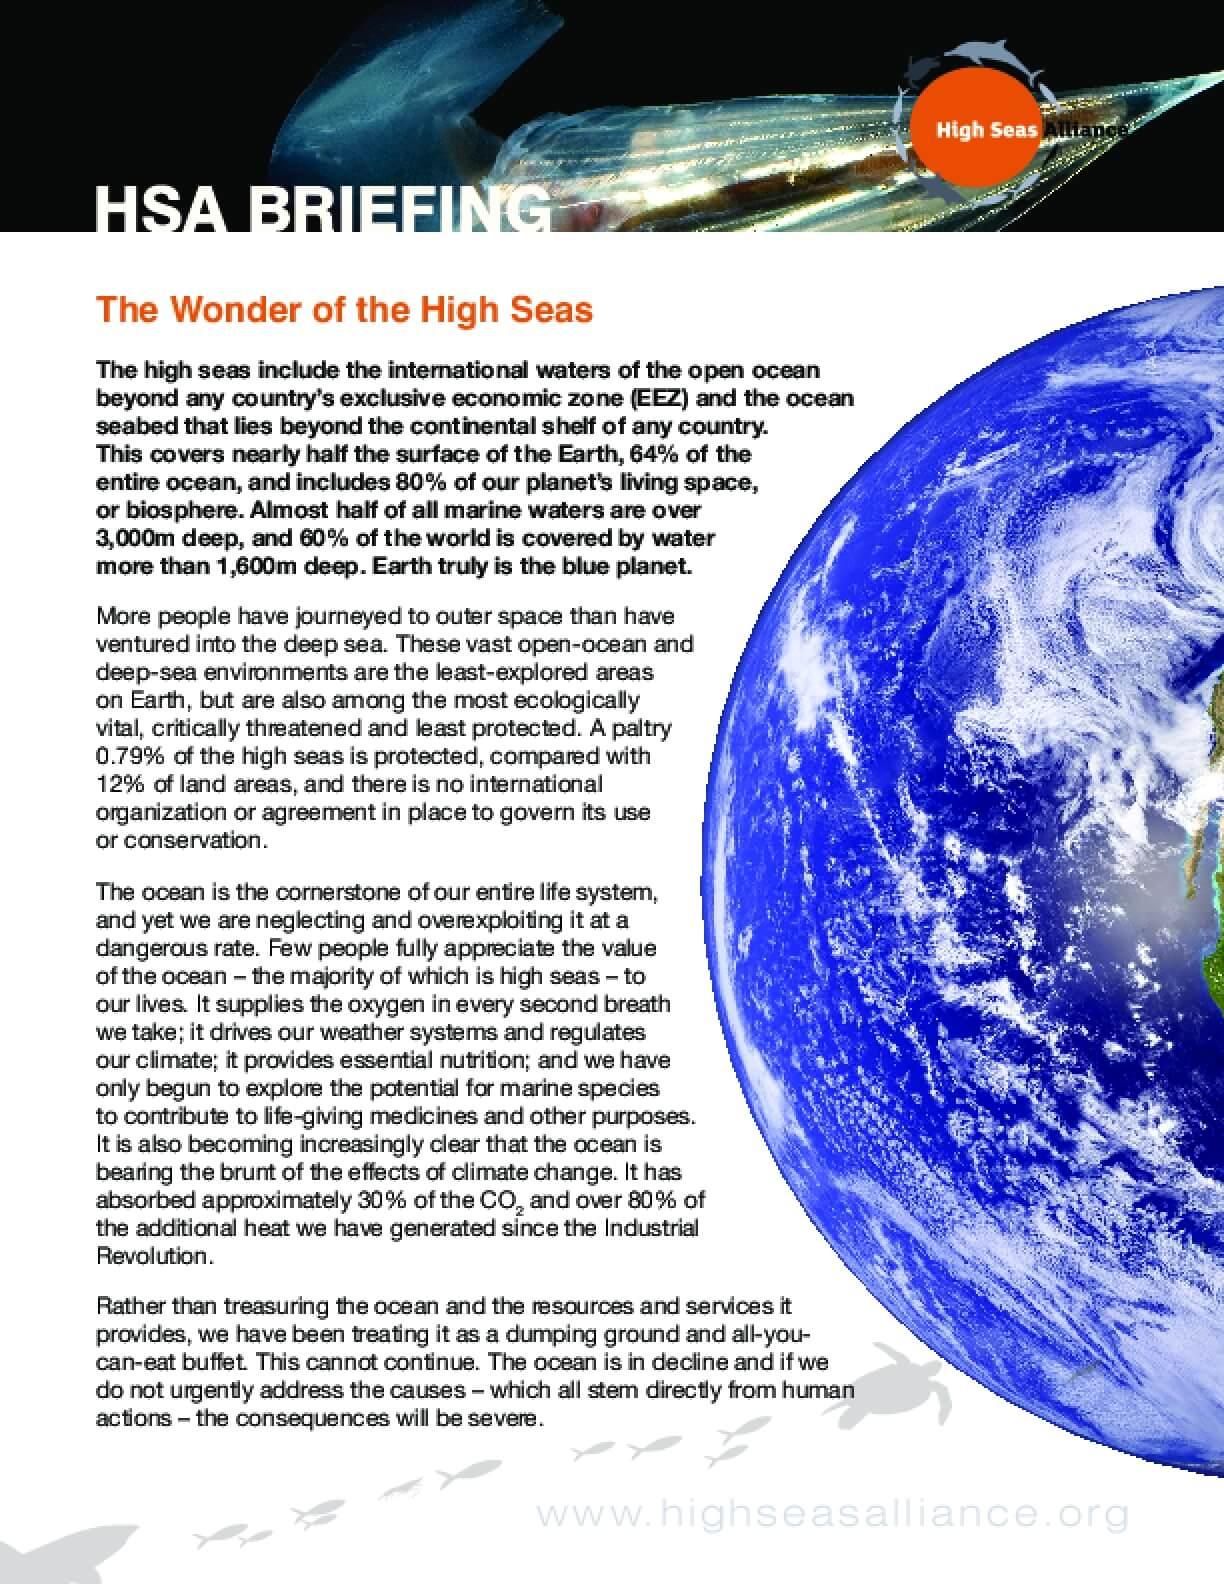 HSA Briefing 4: Wonders of the High Seas